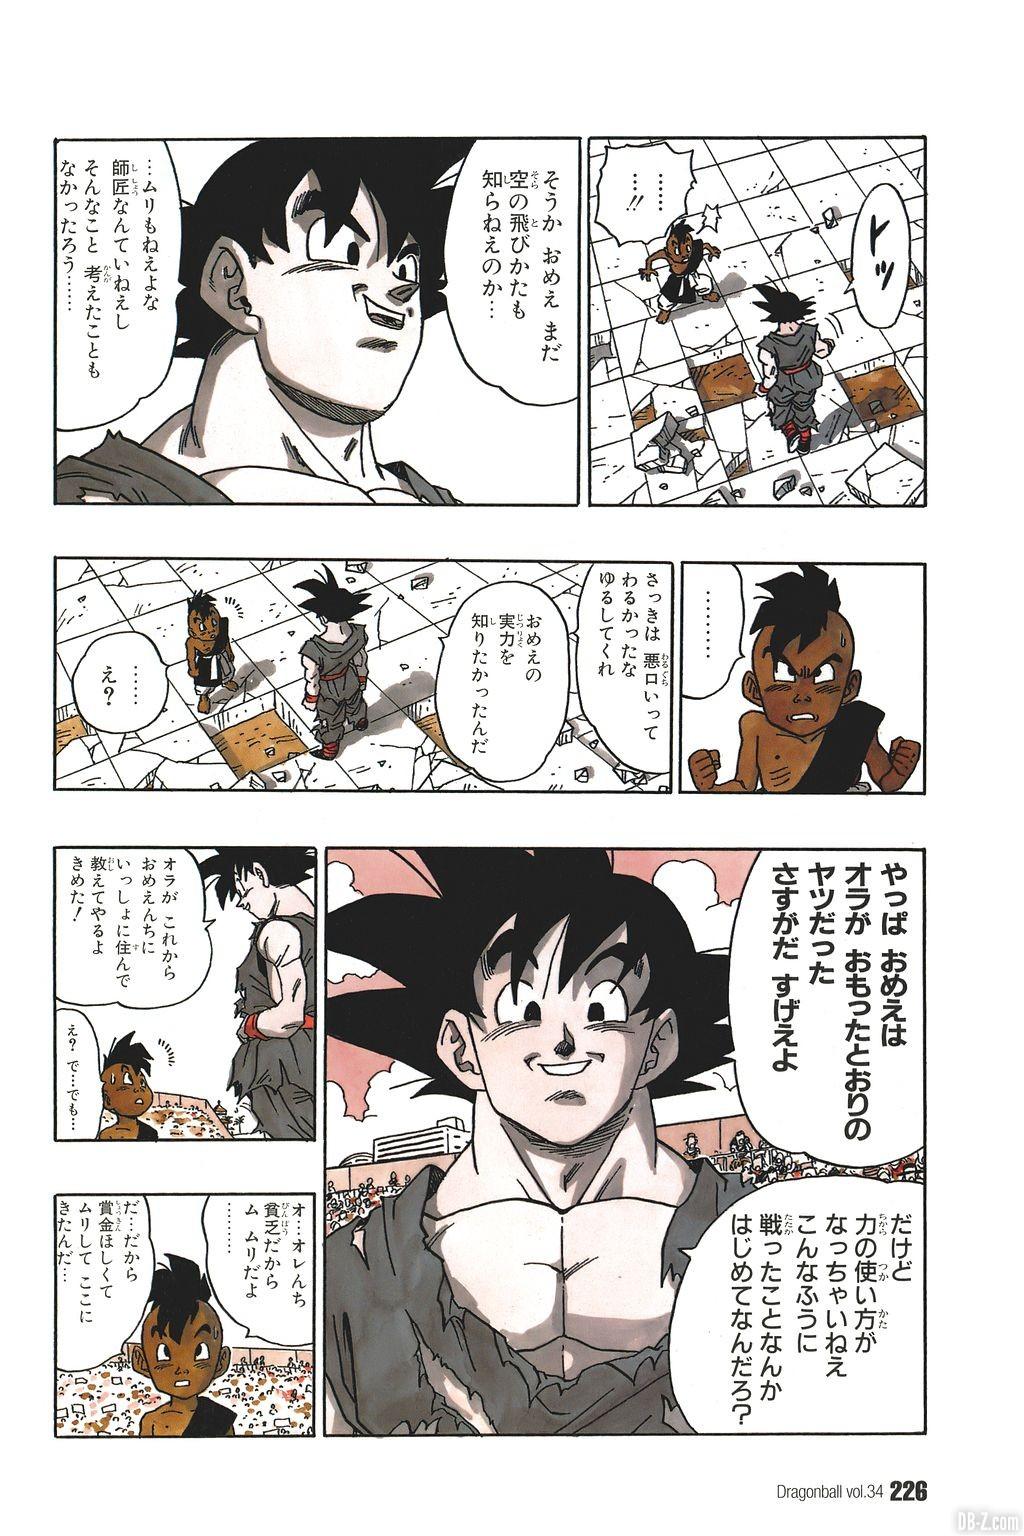 Dernier Chapitre Dragon Ball Page 14